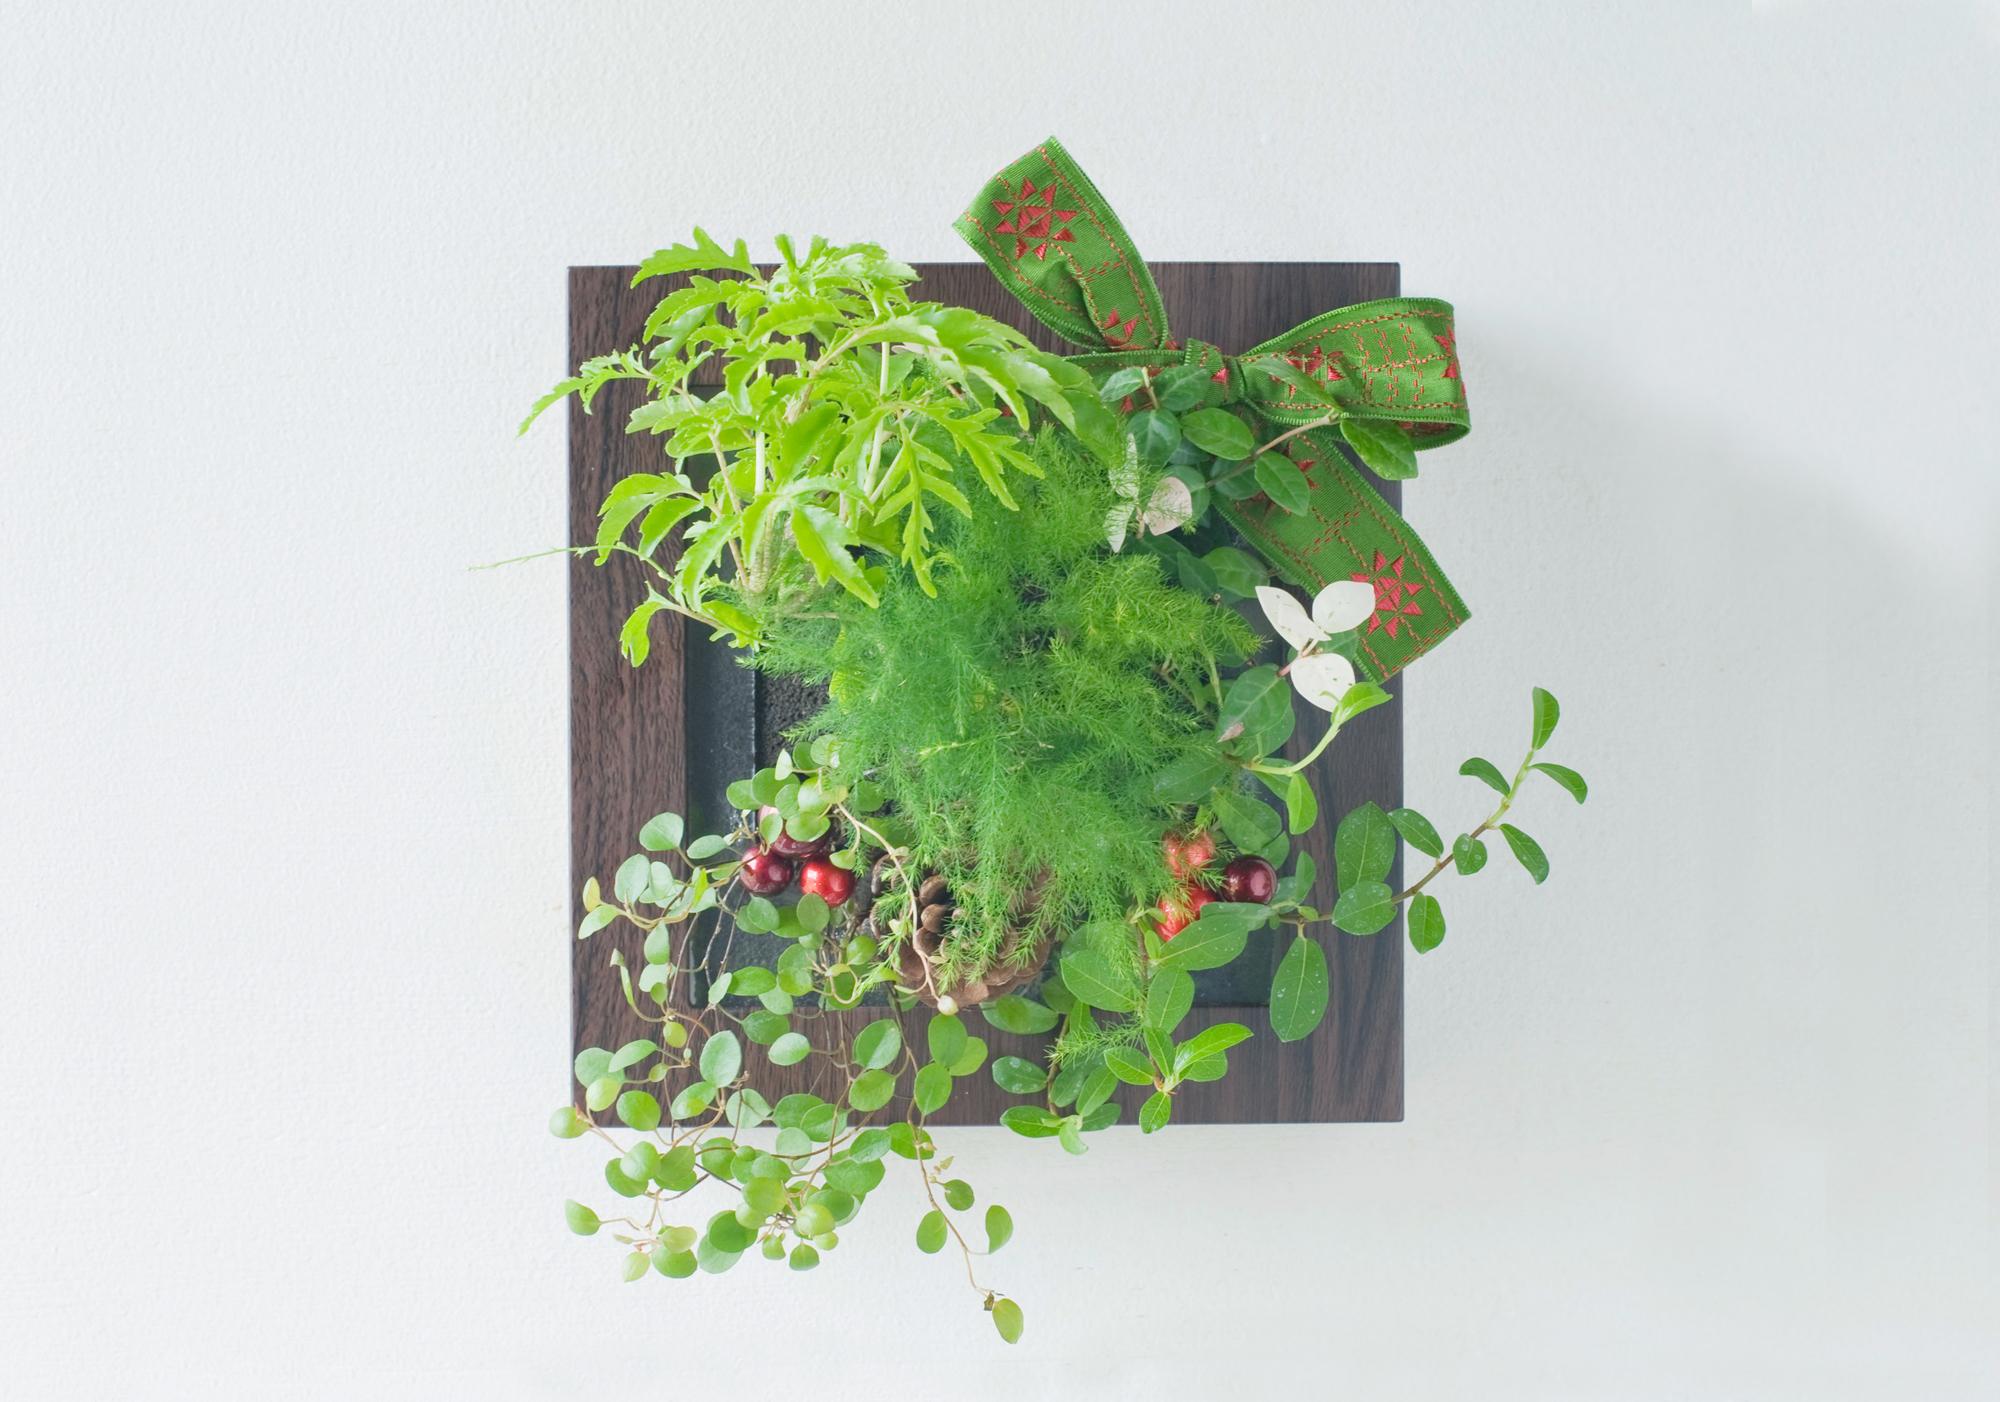 """壁にかける緑のインテリア「ミドリエデザイン フレーム」 クリスマス限定デザイン 新発売 ― """"エバーグリーン(常緑)のクリスマス""""をテーマにした限定デザイン  ―"""